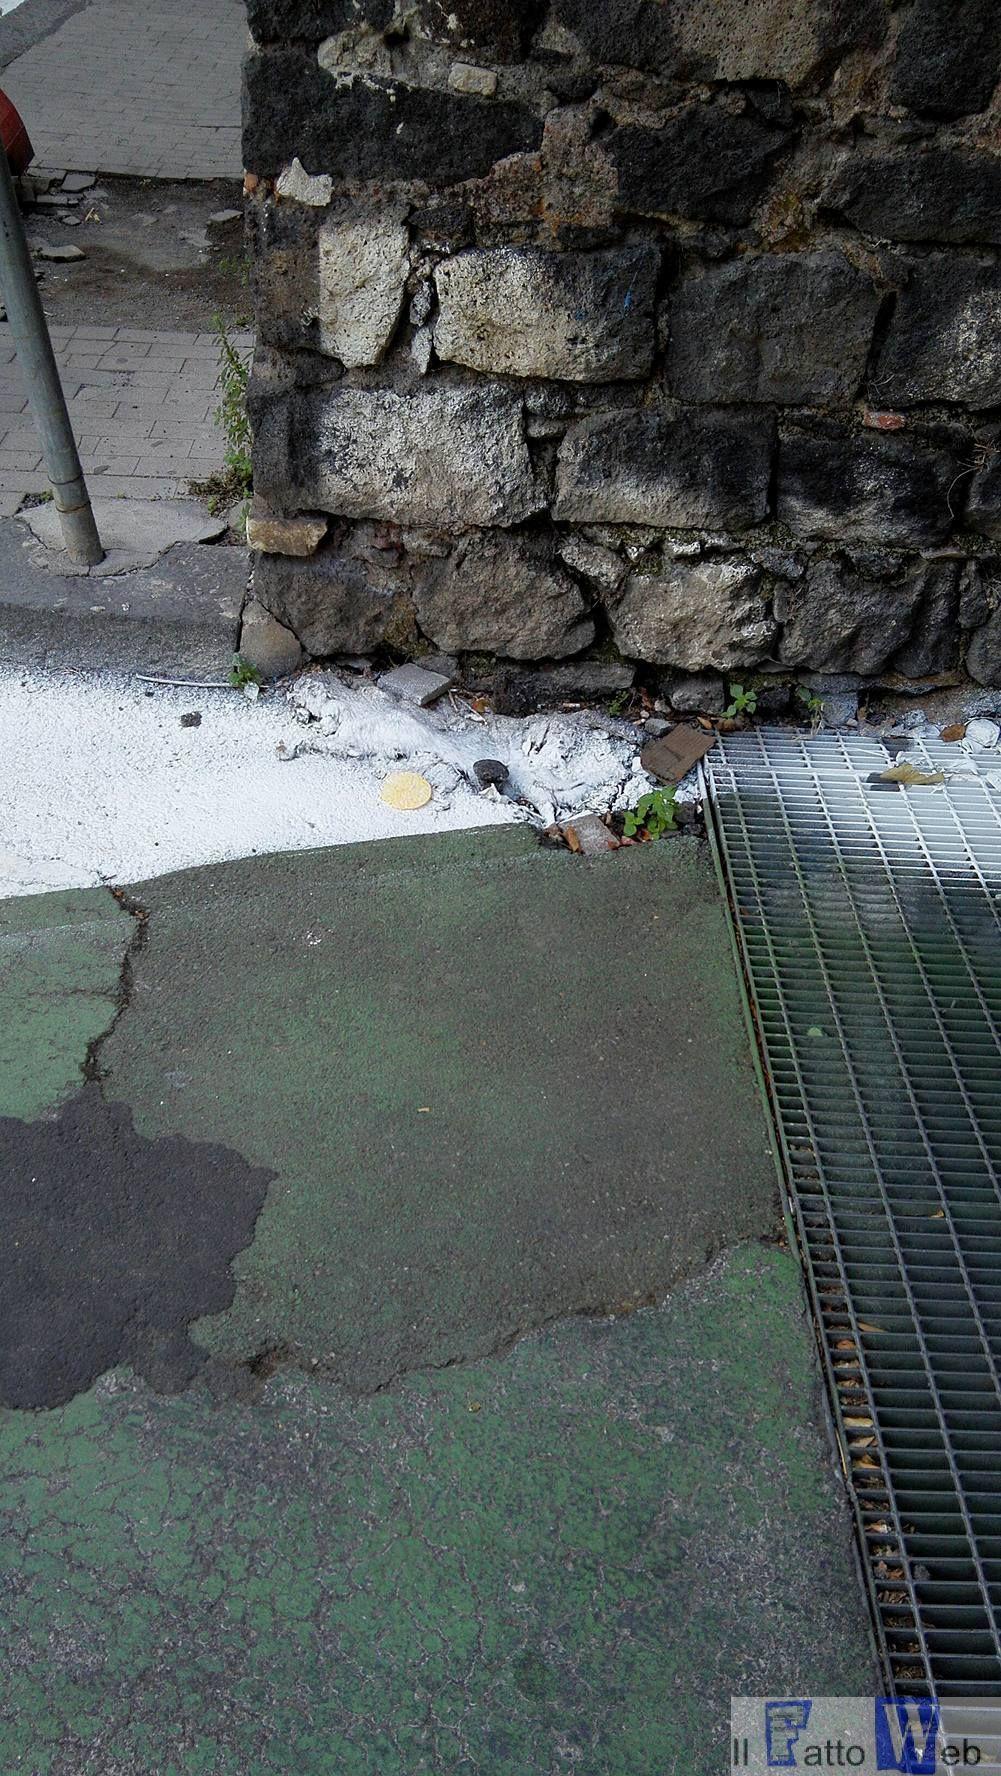 """Il gatto """"seppellito"""" dalle strisce: un'immagine poco edificante"""